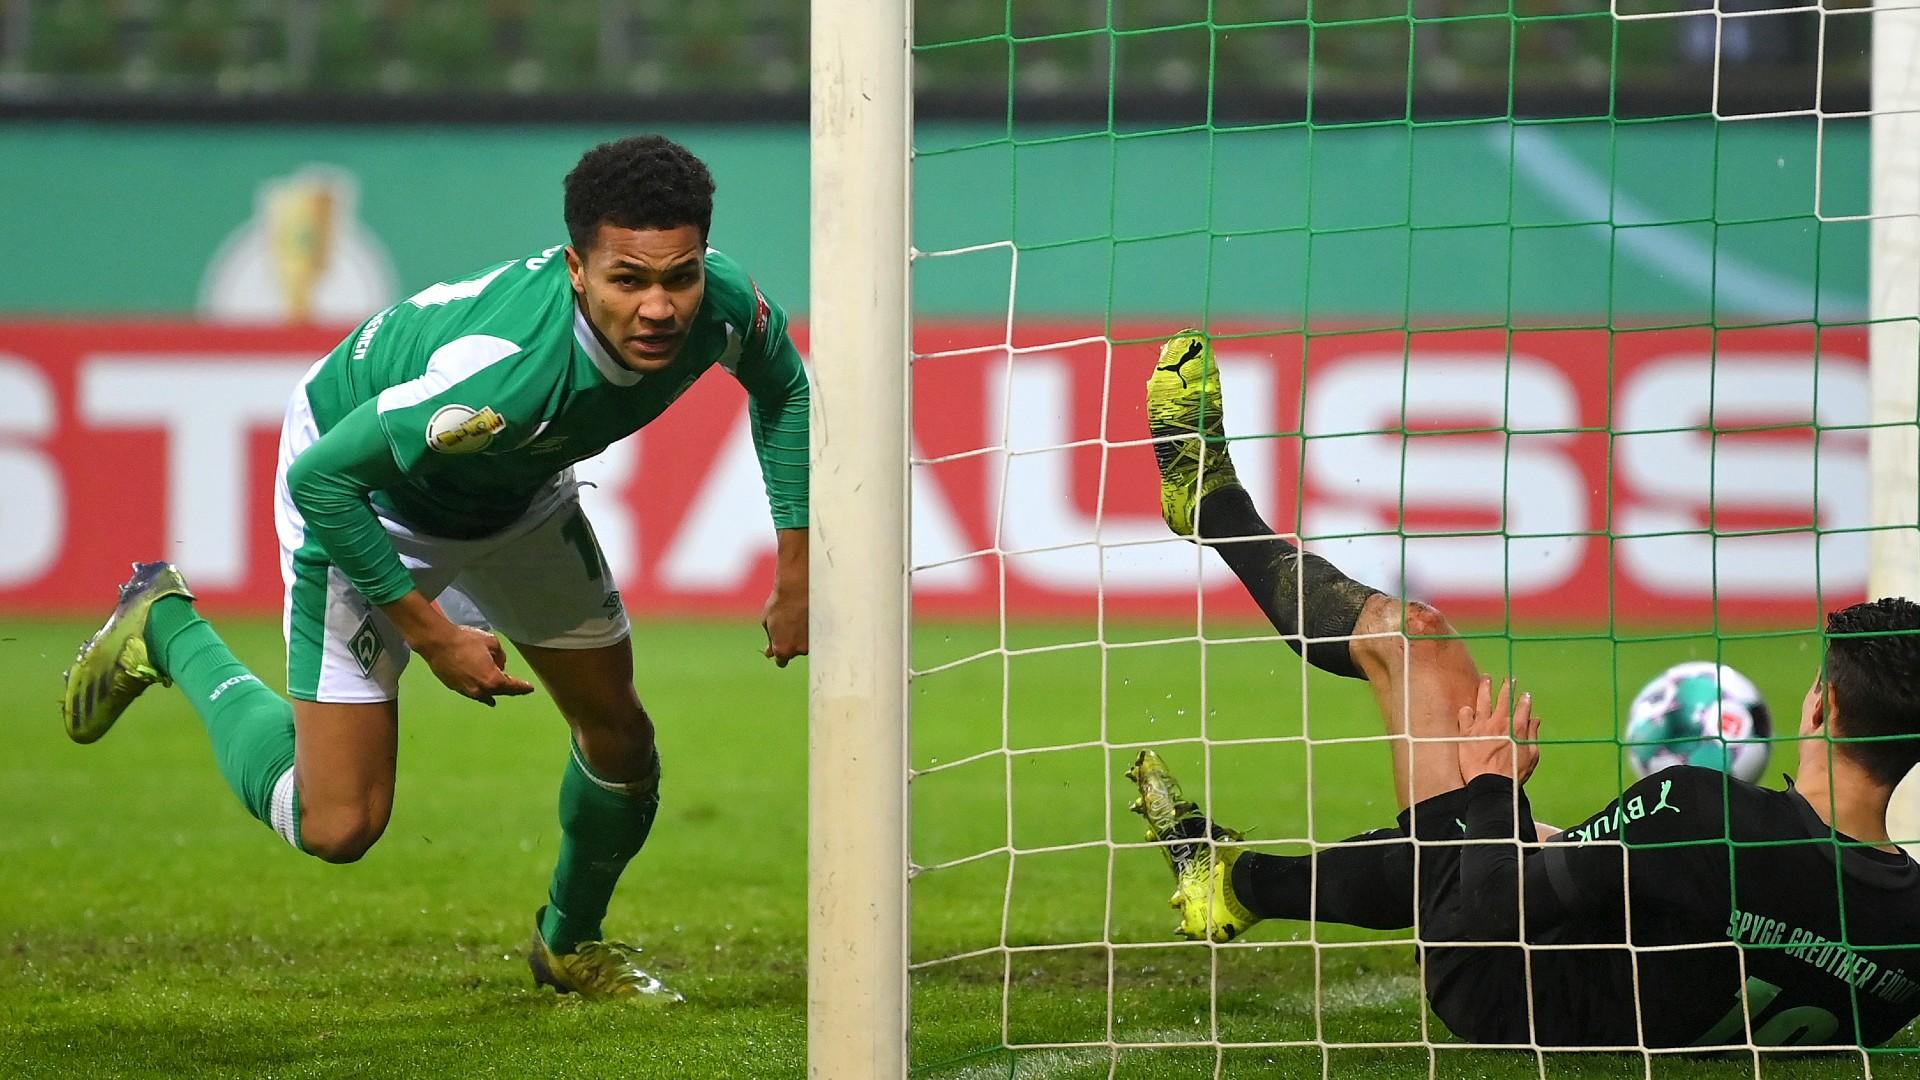 Super-sub Agu seals Werder Bremen victory over Greuther Fuerth